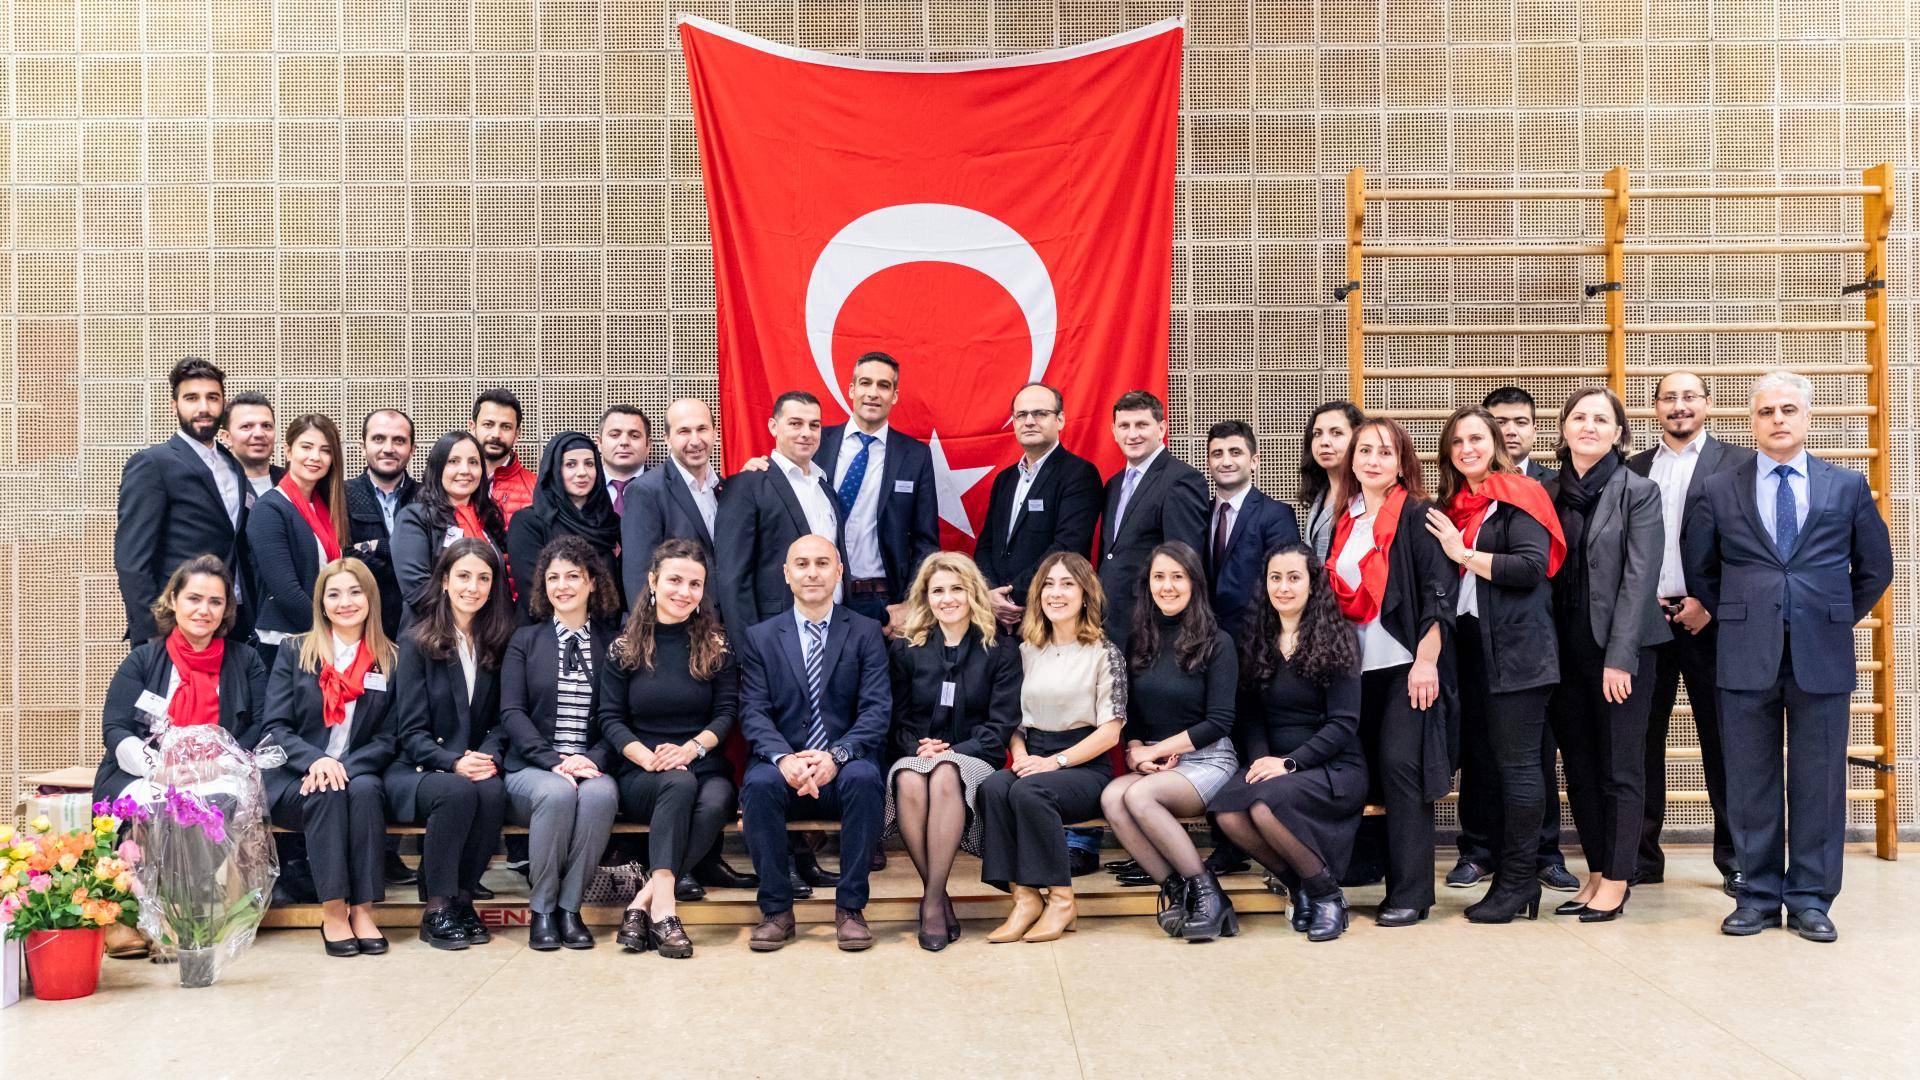 Türkisches generalkonsulat stuttgart